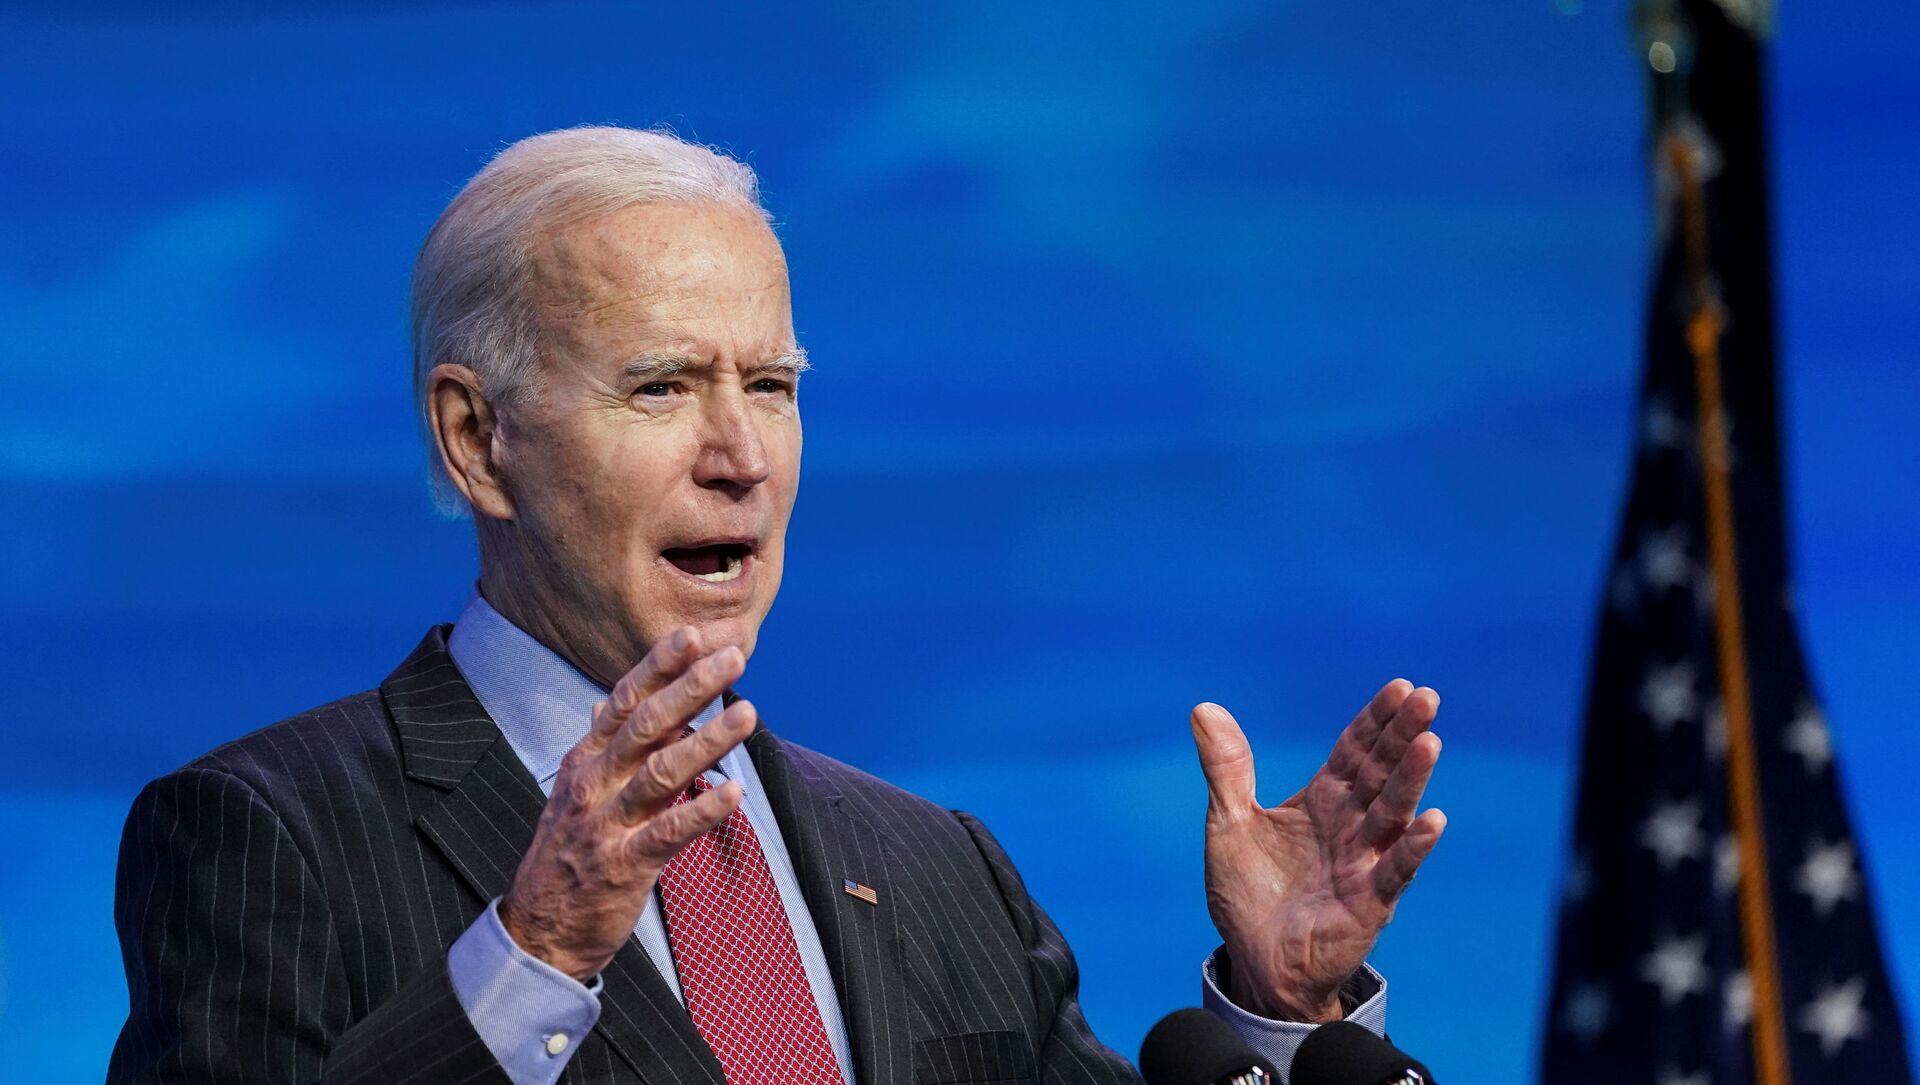 Joe Biden, presidente electo de EEUU - Sputnik Mundo, 1920, 19.01.2021